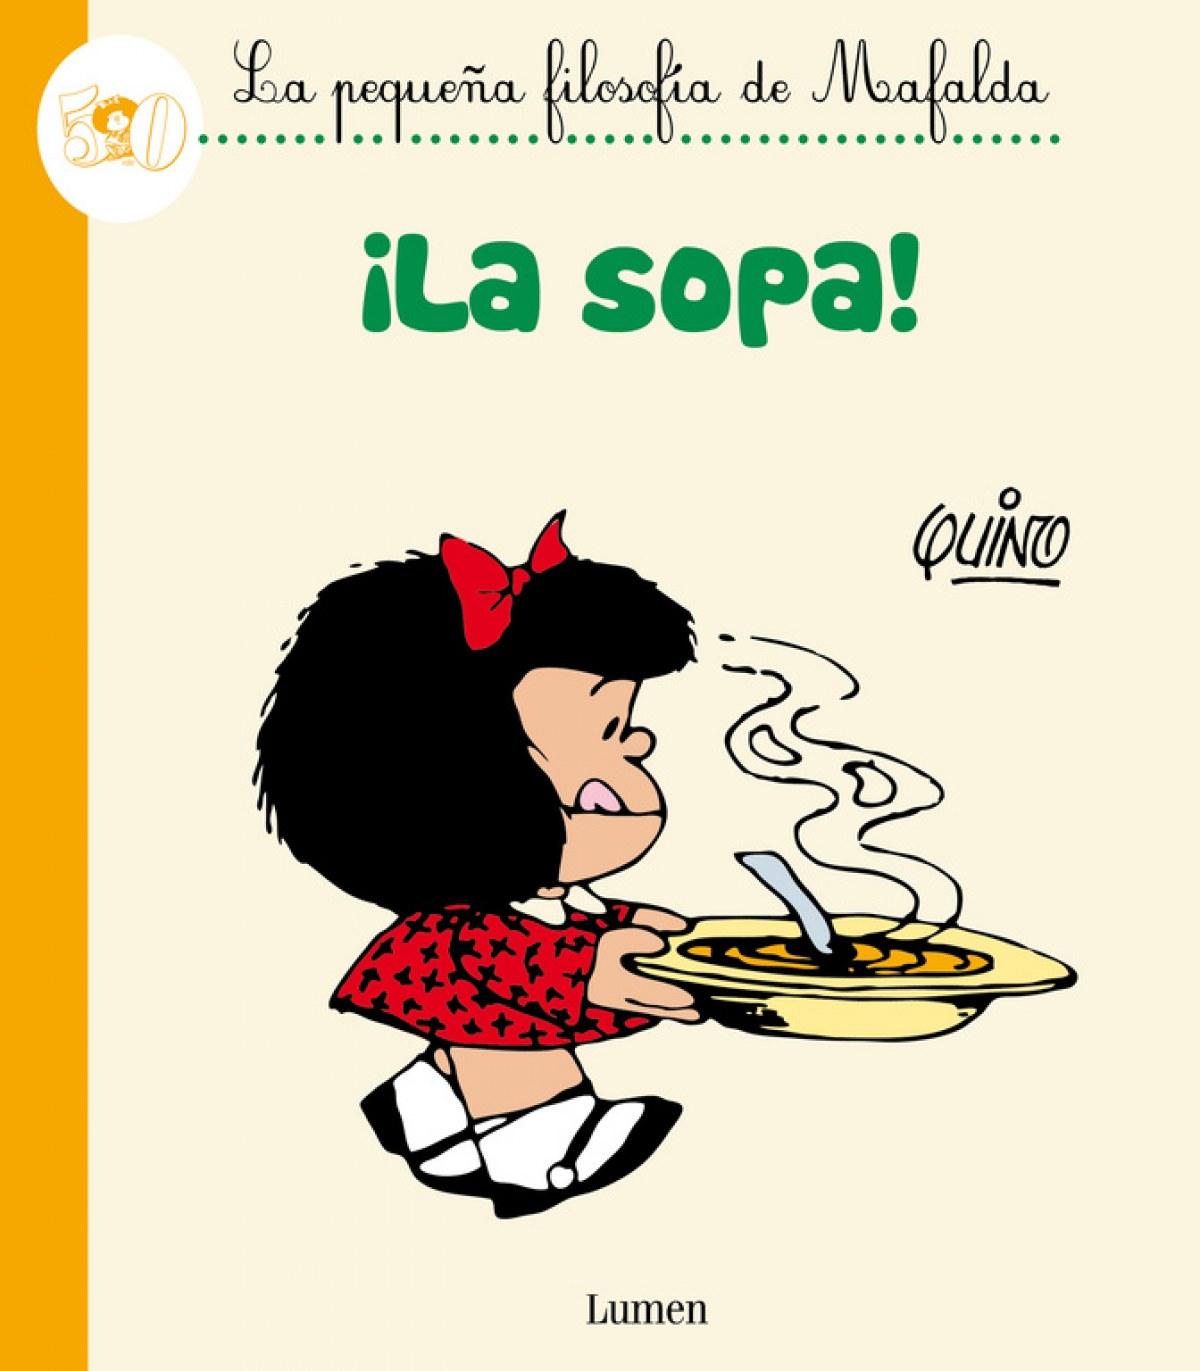 ¡La sopa!